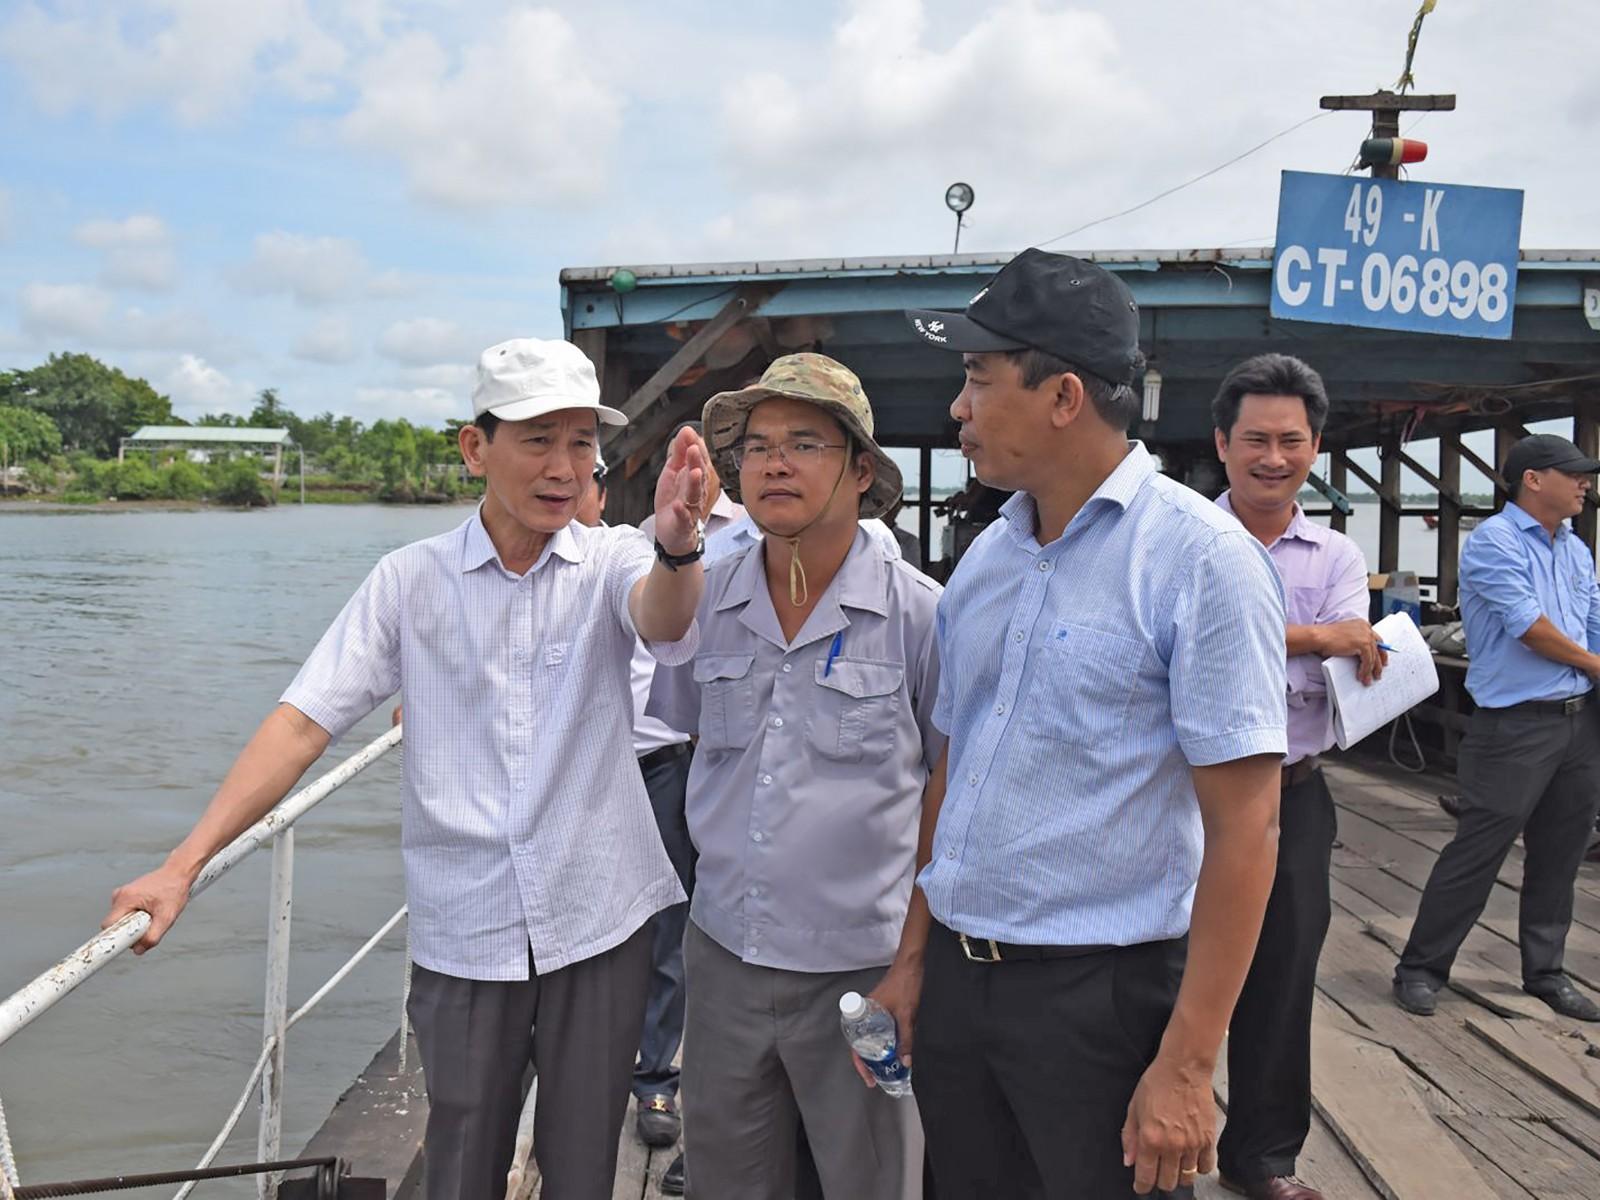 Chủ tịch UBND TP Cần Thơ Võ Thành Thống (bìa trái) kiểm tra thực địa điểm sạt lở bờ sông Ô Môn, phường Thới An, quận Ô Môn. Ảnh: T. TRINH